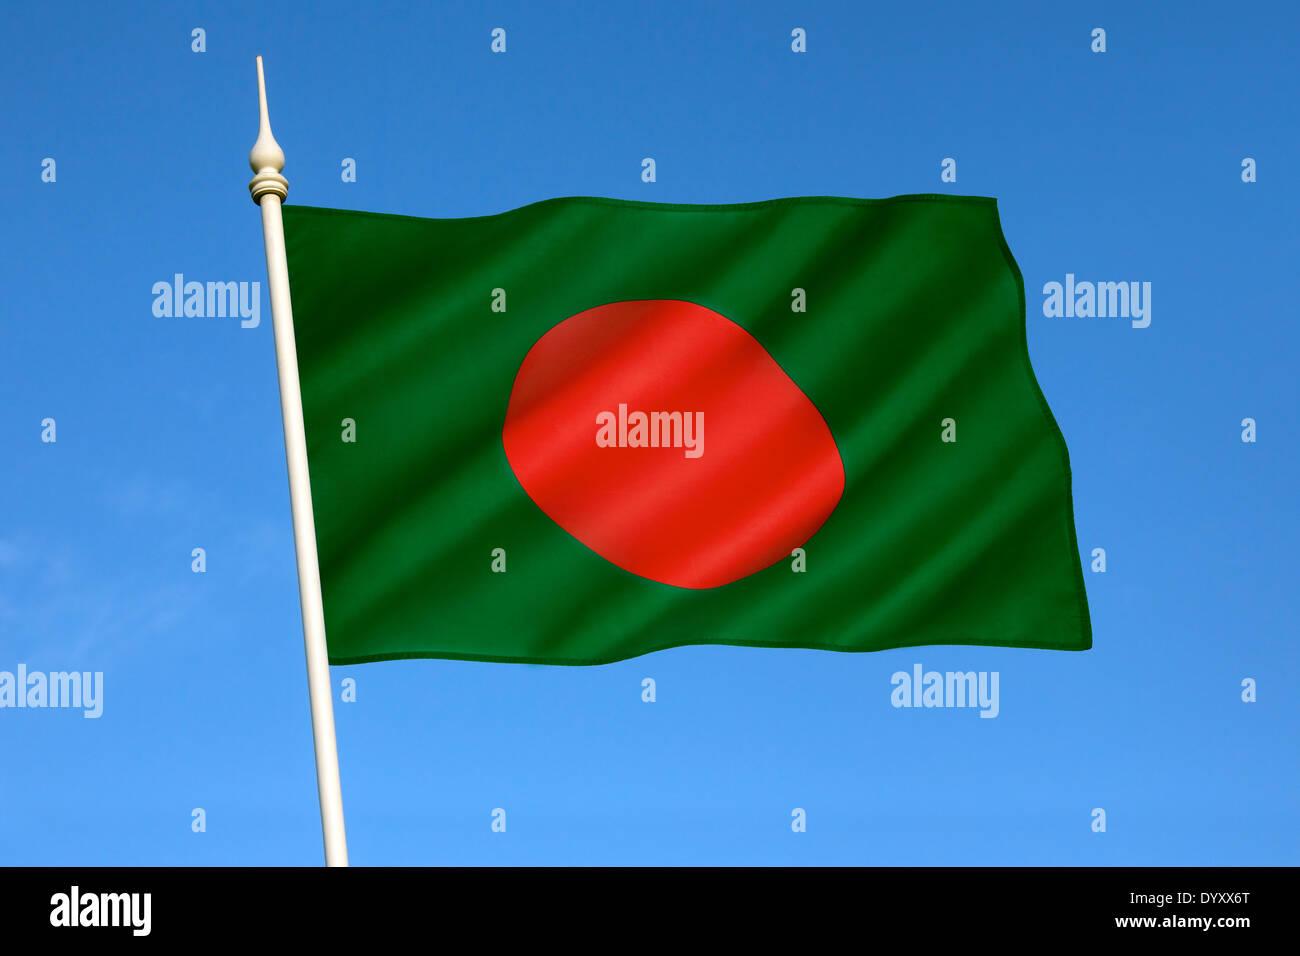 The national flag of Bangladesh - Stock Image